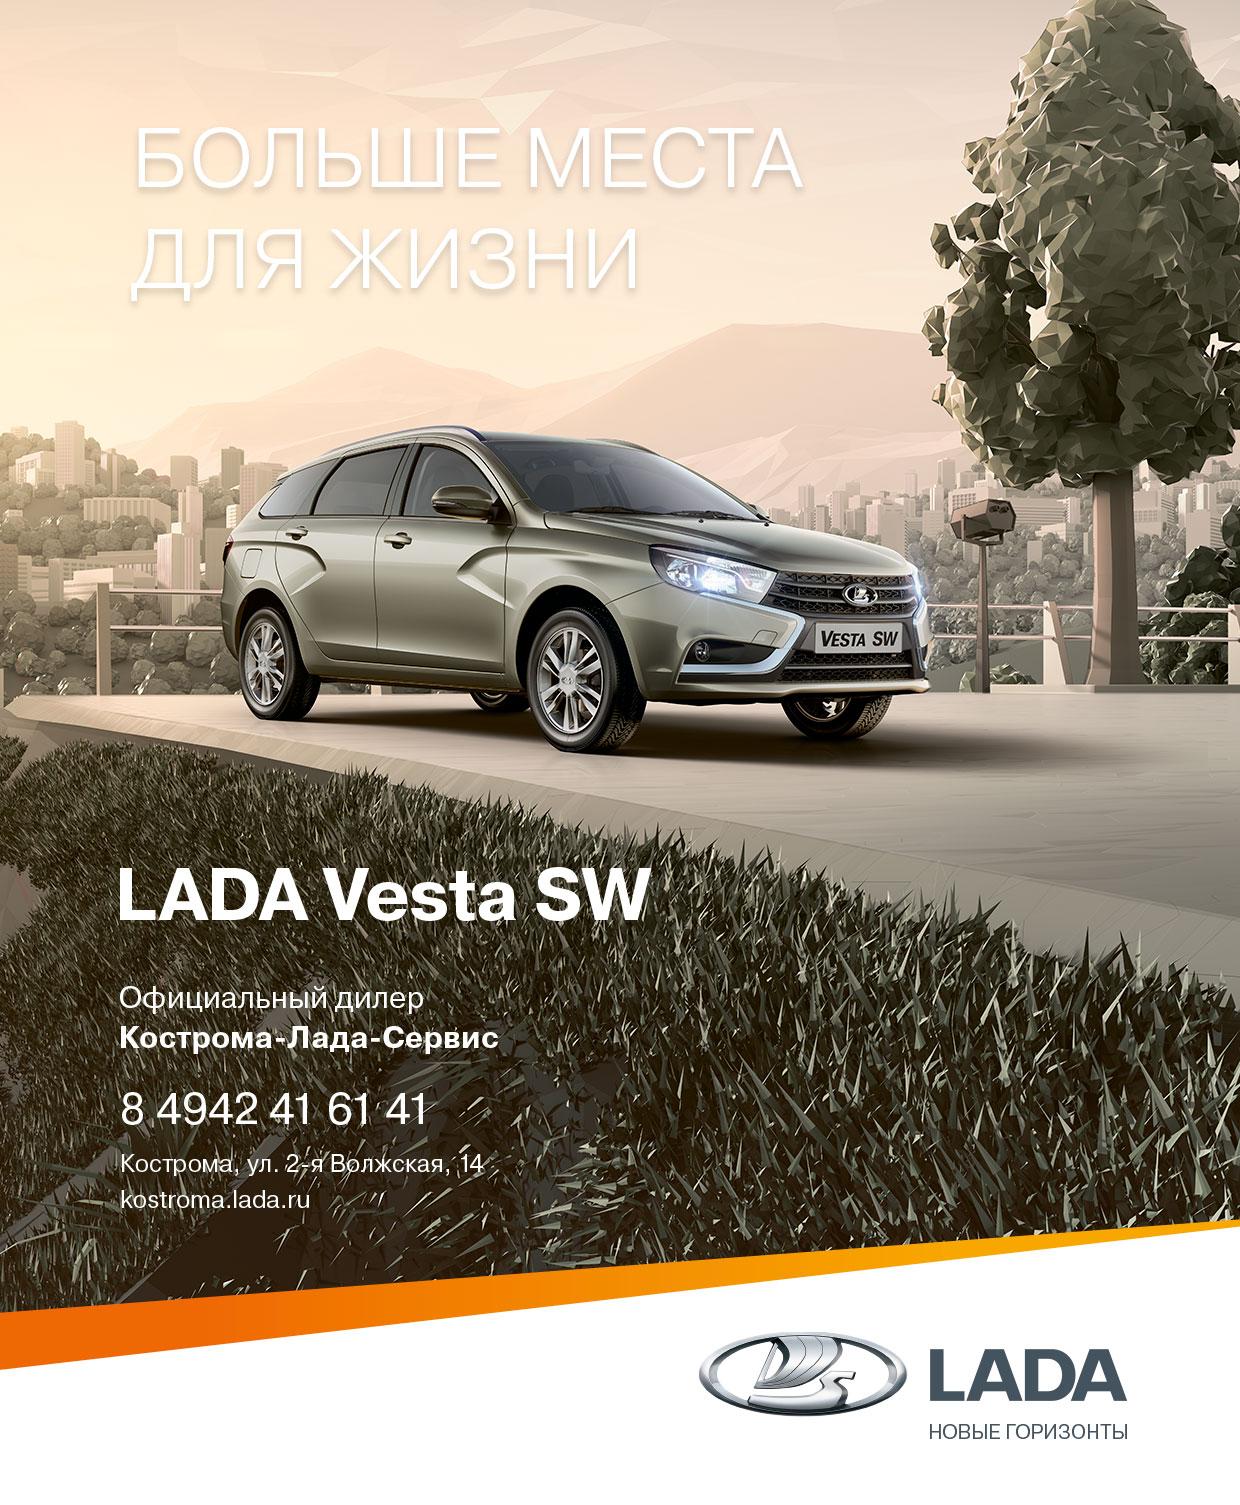 Специальные цены каждый день!LADA Vesta SW с выгодой до 50000руб. в июне